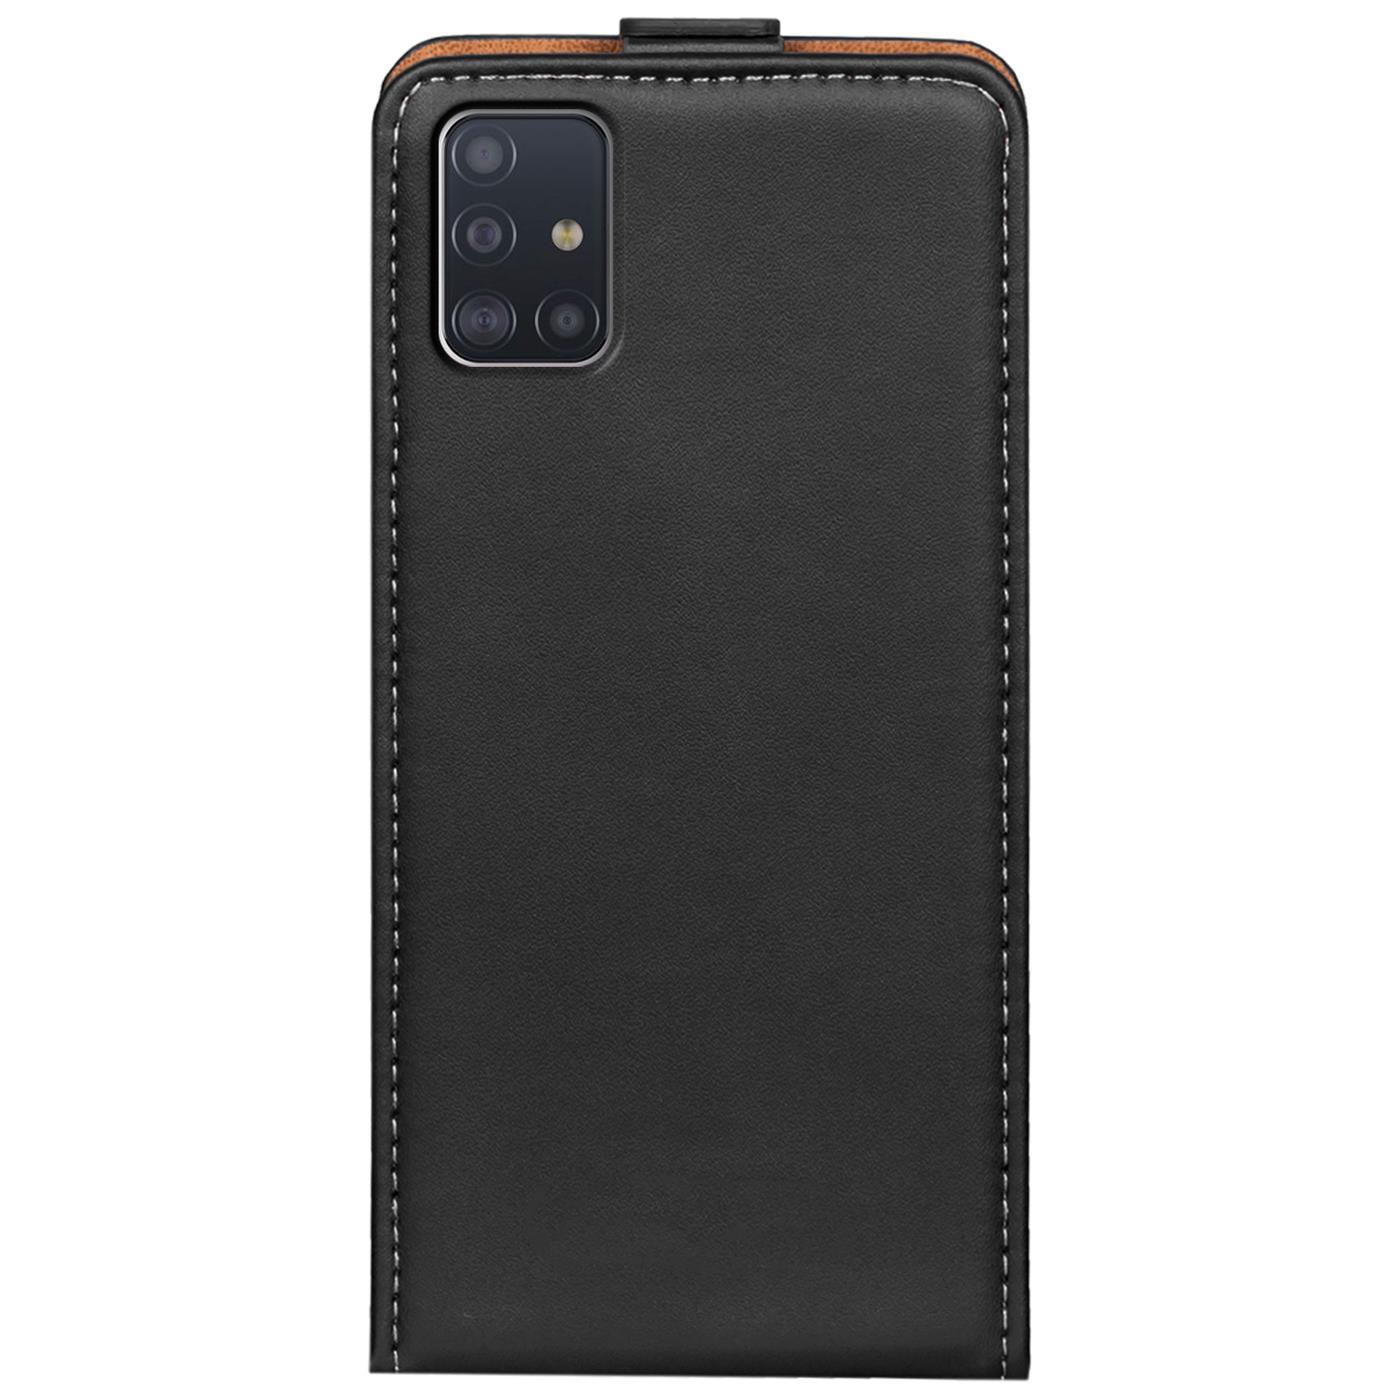 Flip-Cover-fuer-Samsung-Galaxy-A51-Huelle-Klapp-Huelle-Handy-Schutz-Tasche-Case Indexbild 10